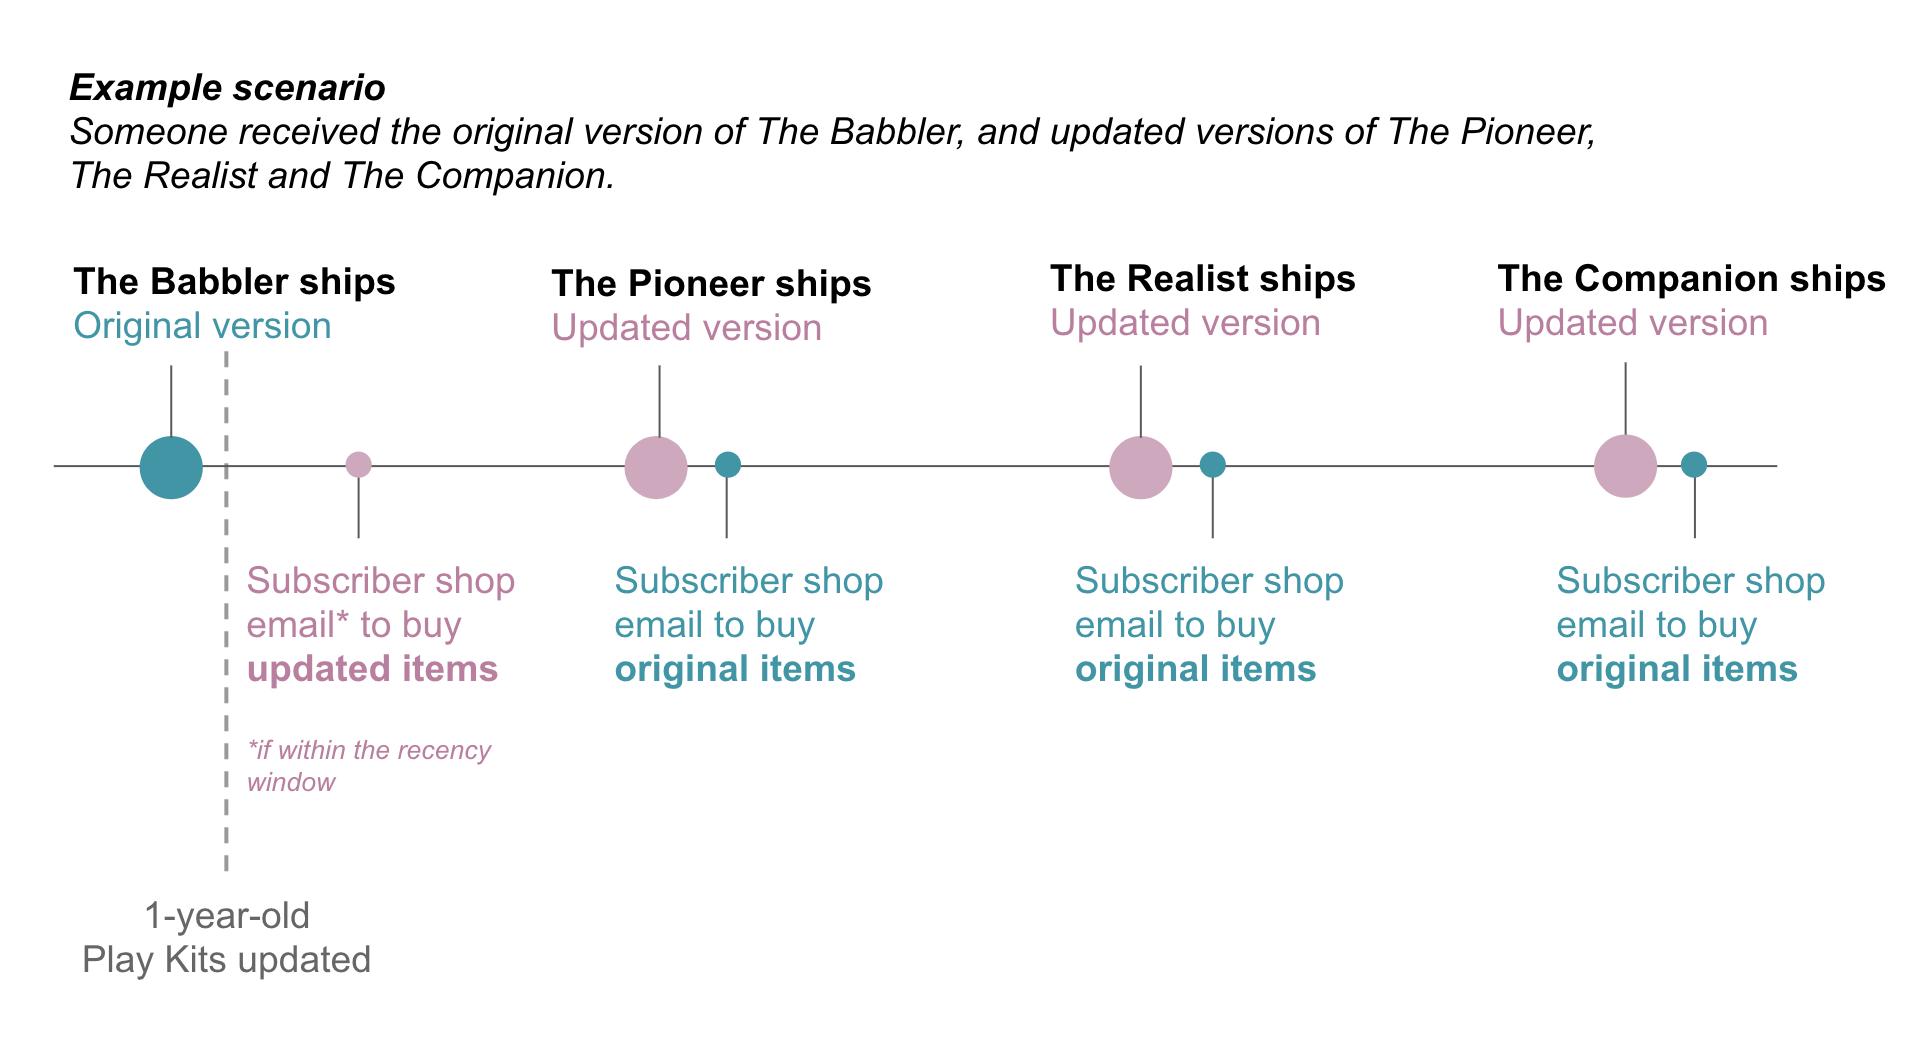 Subscriber Shop timeline